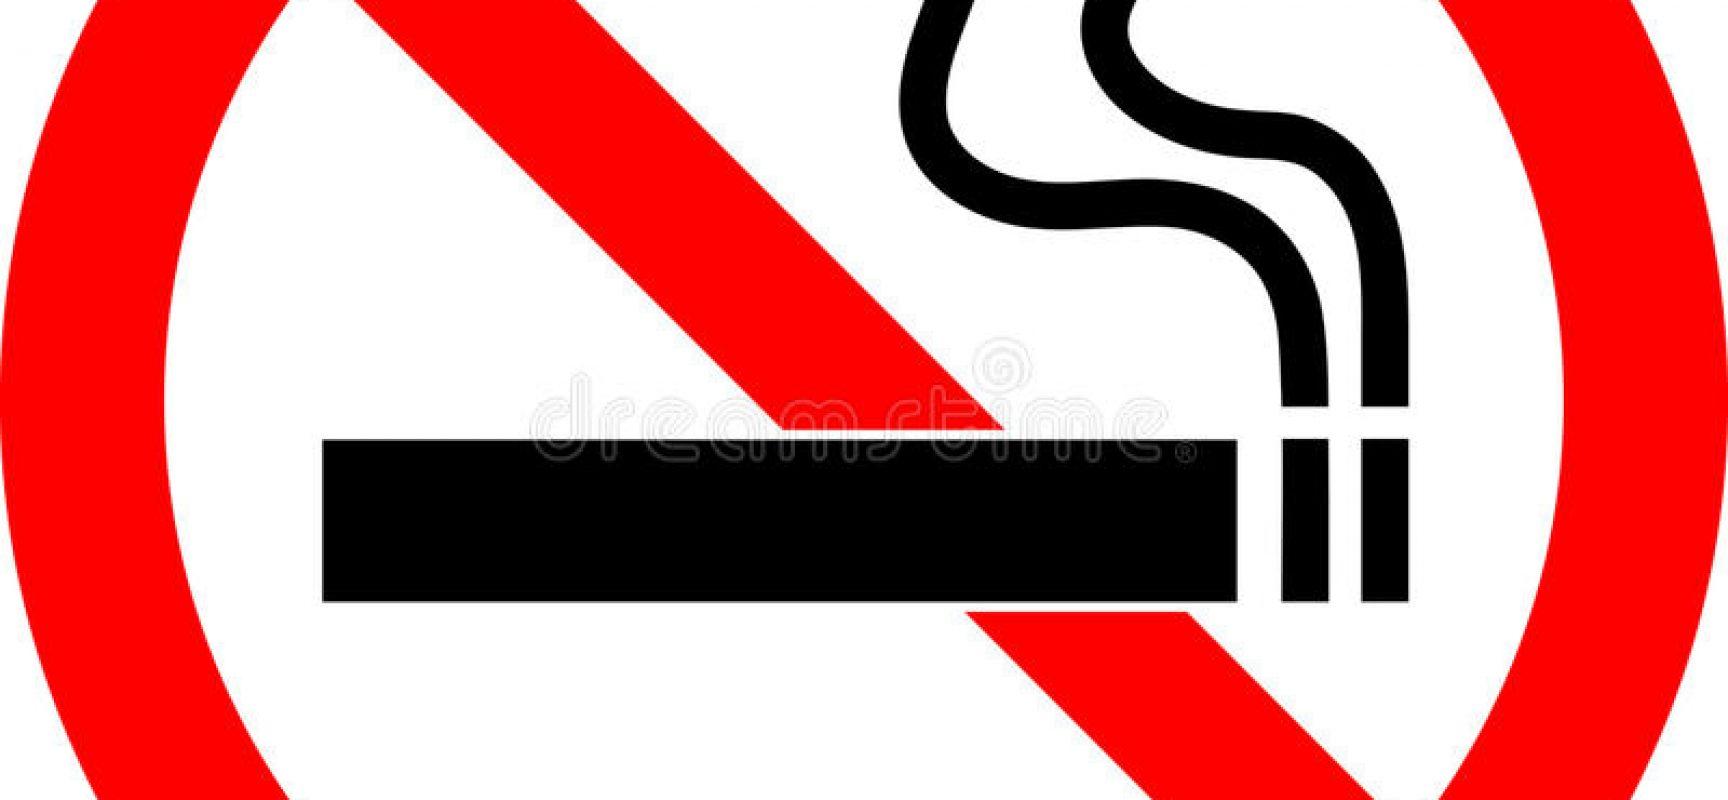 Ενημέρωση των σωματείων για το ΦΕΚ 4177 που αφορά την απαγόρευση του καπνίσματος στους δημόσιους χώρους και στους χώρους εργασίας.